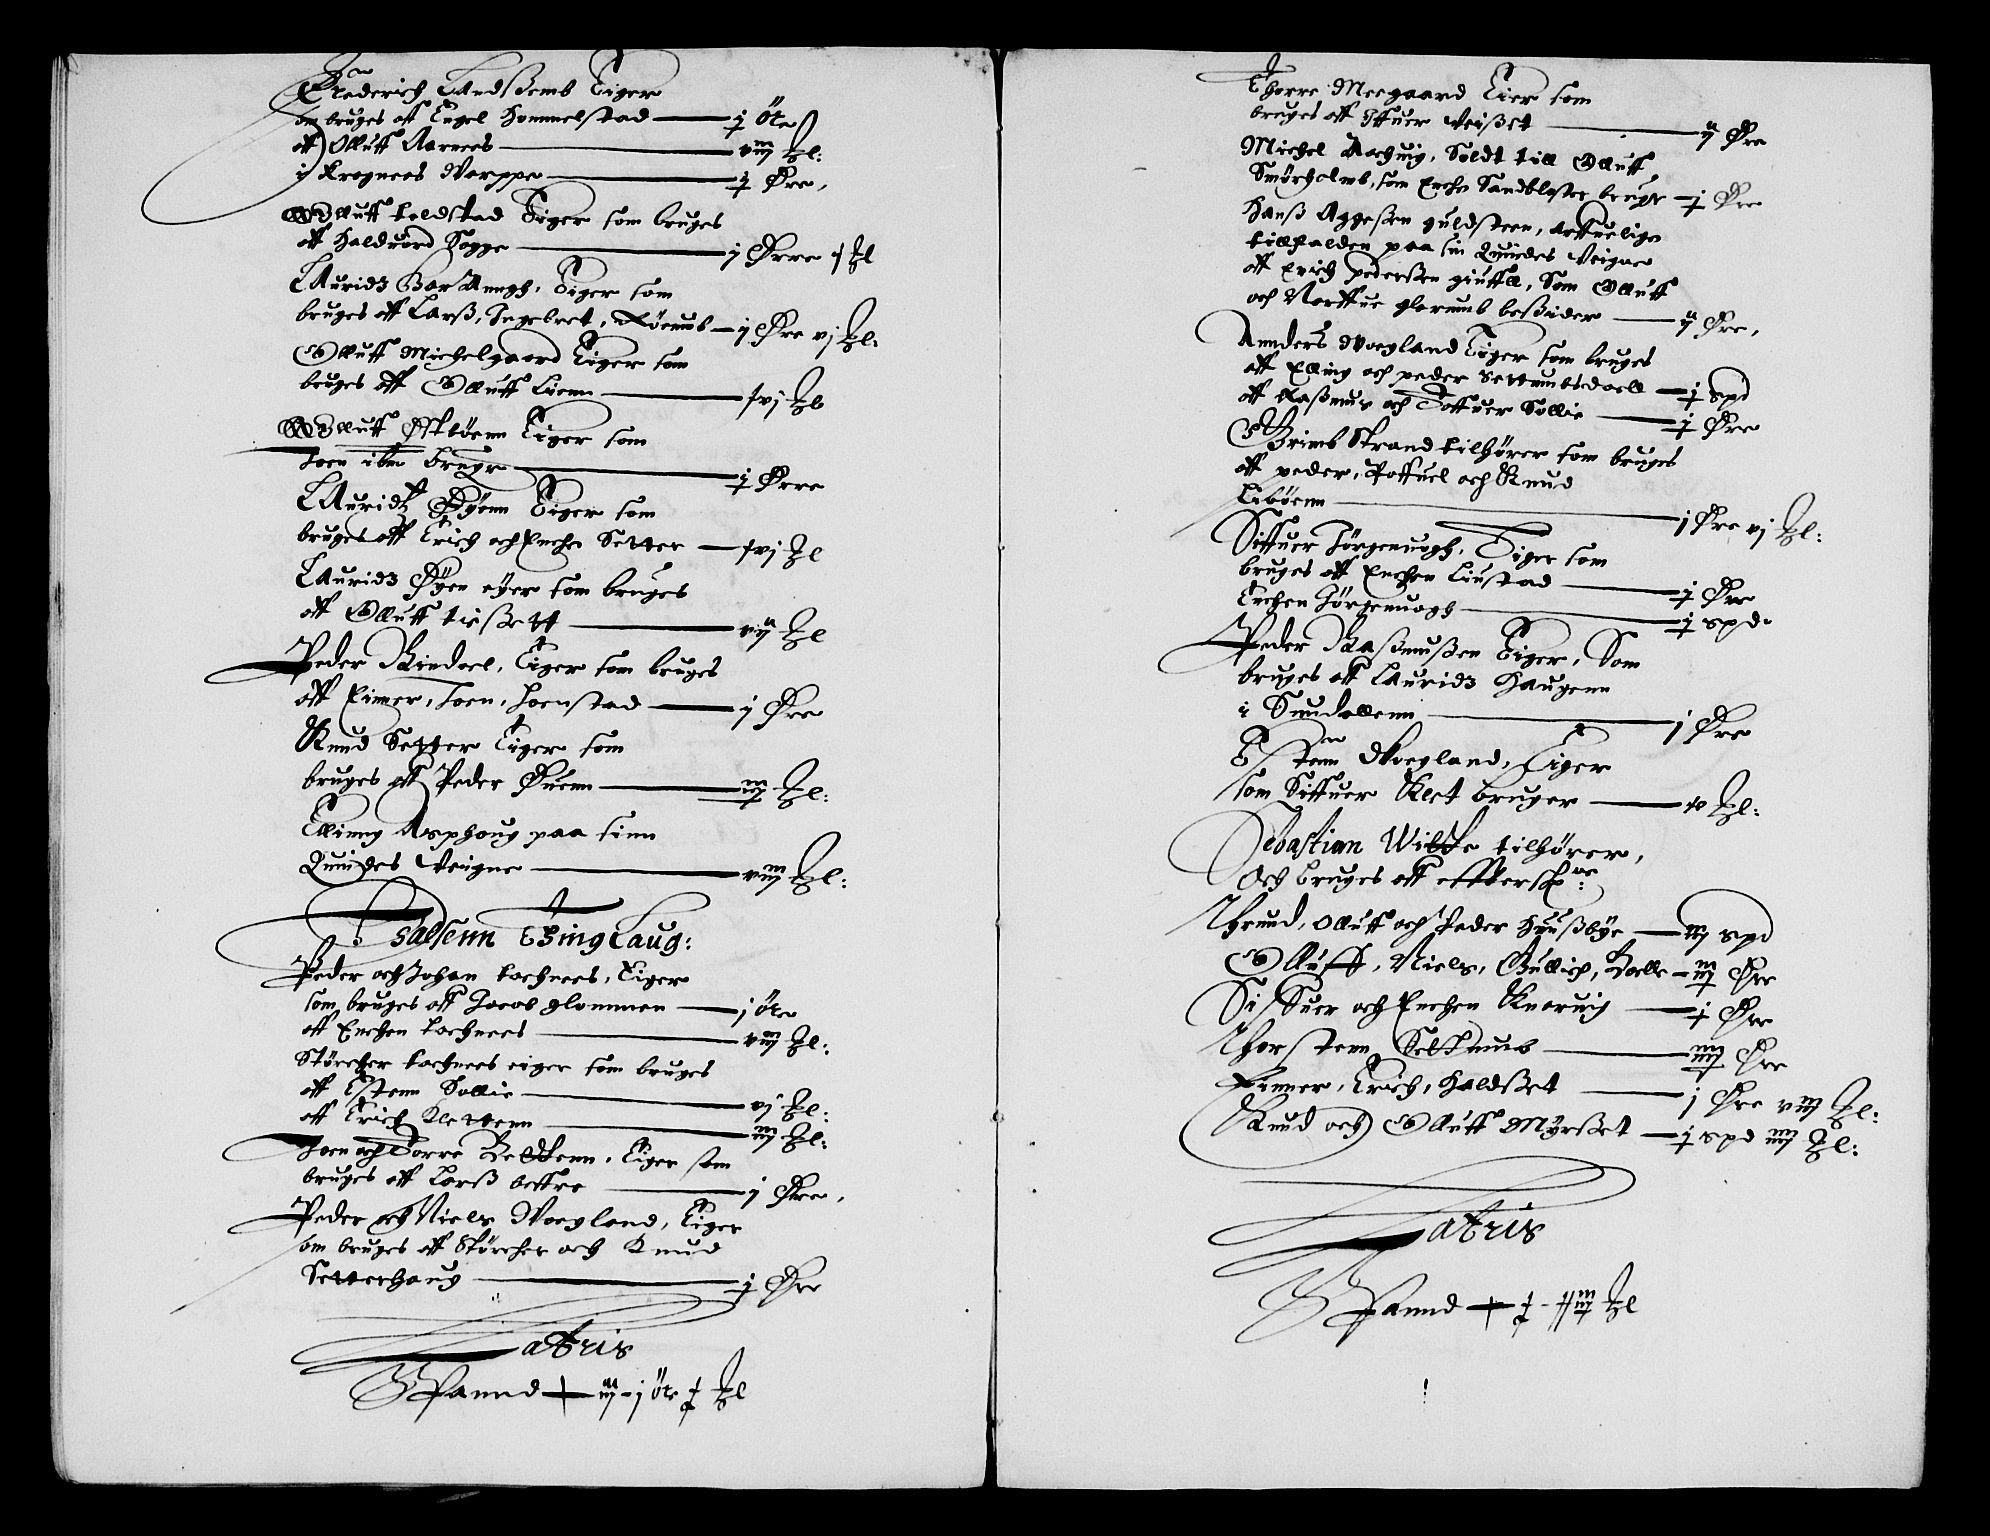 RA, Rentekammeret inntil 1814, Reviderte regnskaper, Lensregnskaper, R/Rb/Rbw/L0123: Trondheim len, 1655-1656